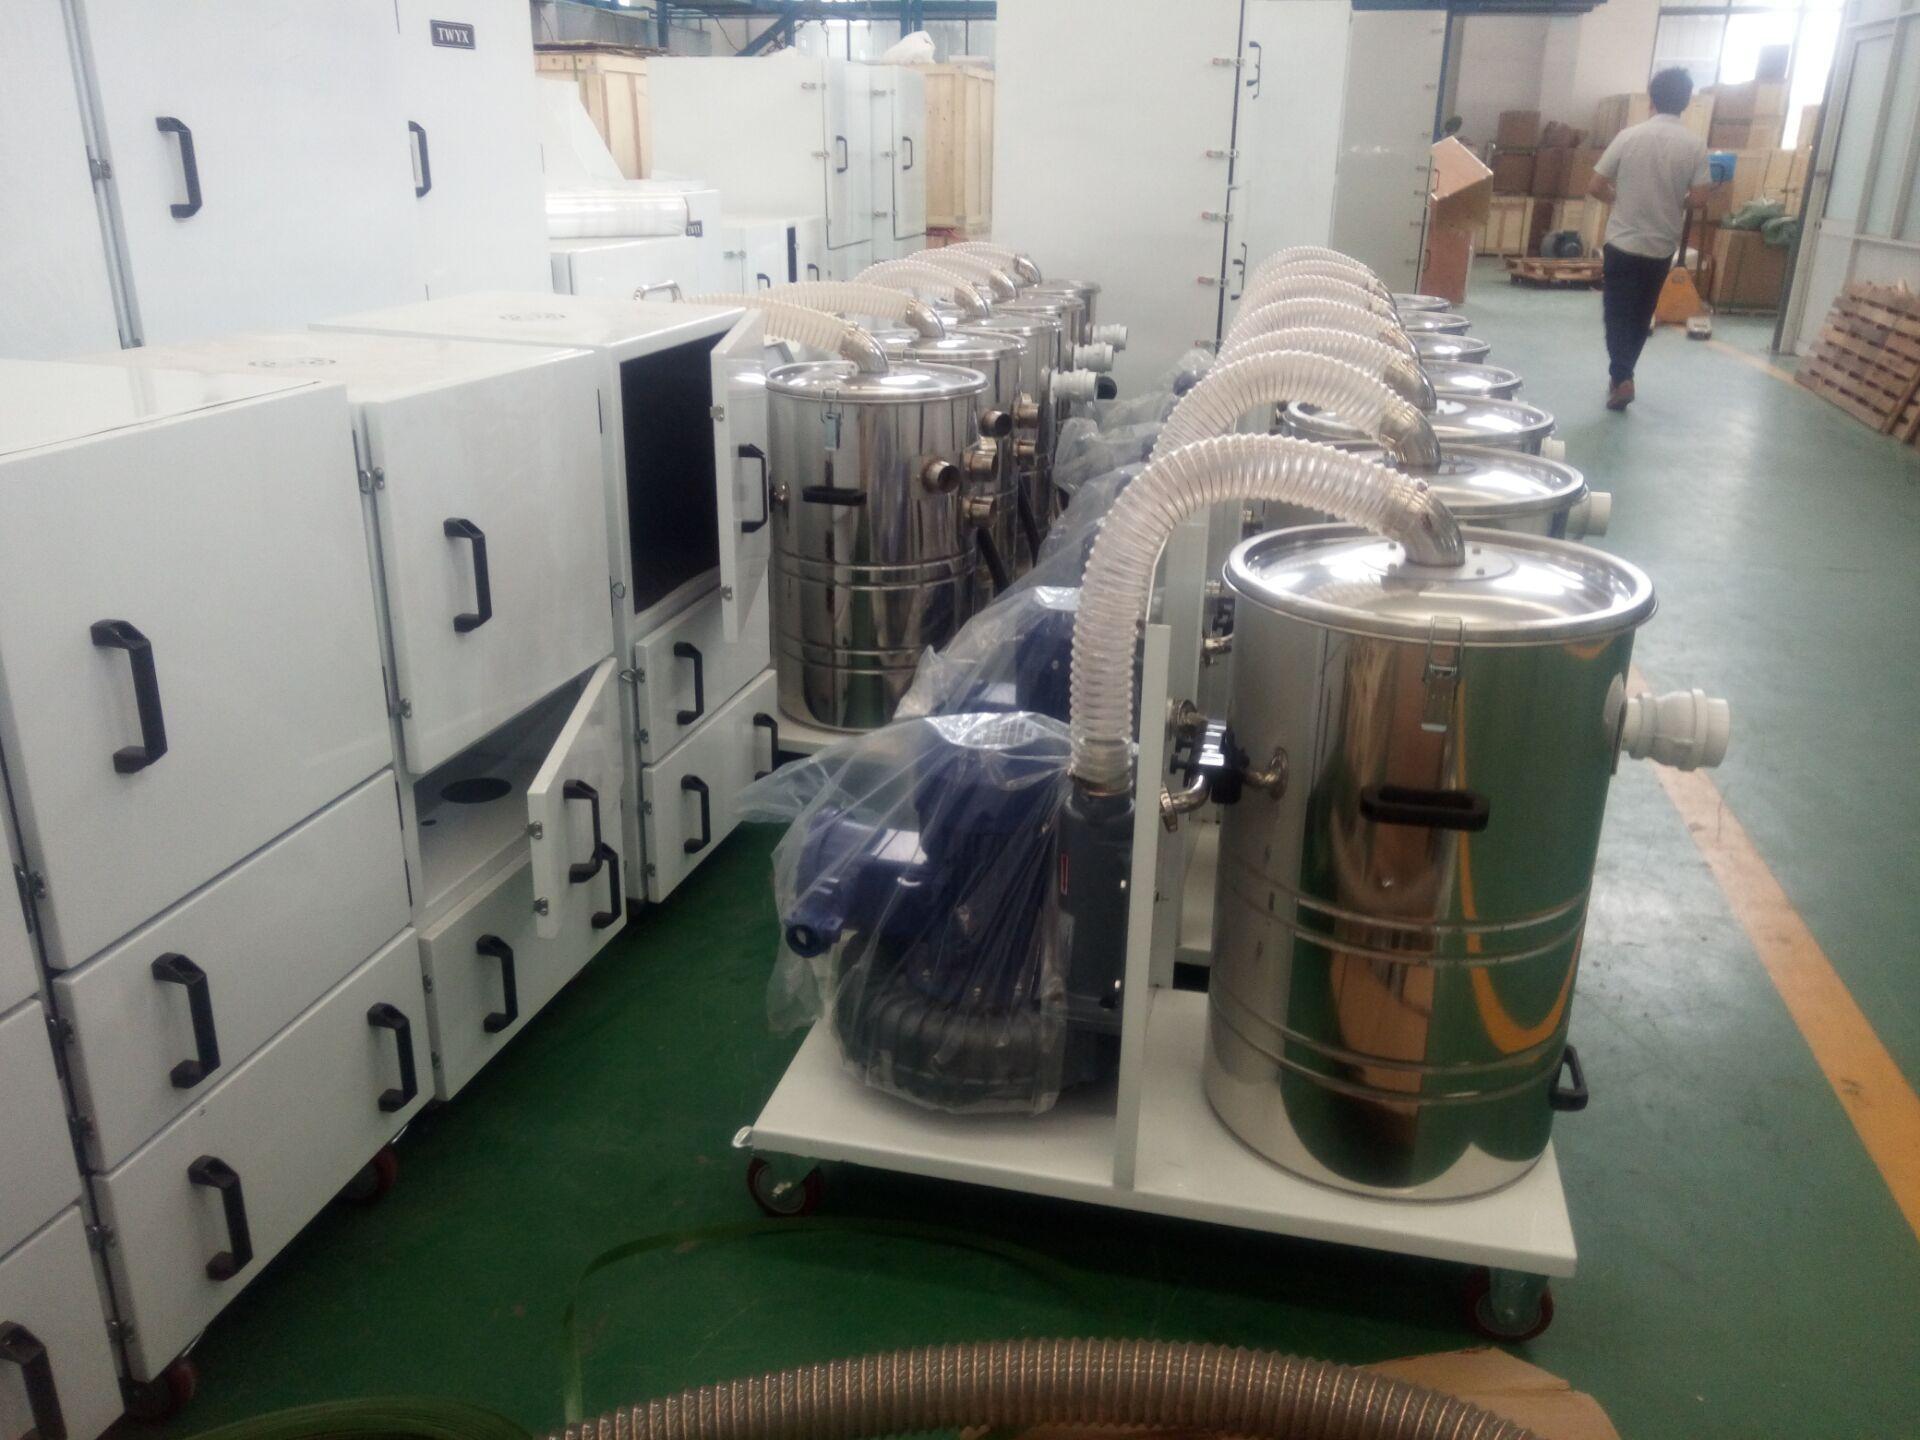 生产厂家直销工业移动式吸尘器 集尘机 固定式吸尘器 双桶吸尘器示例图15